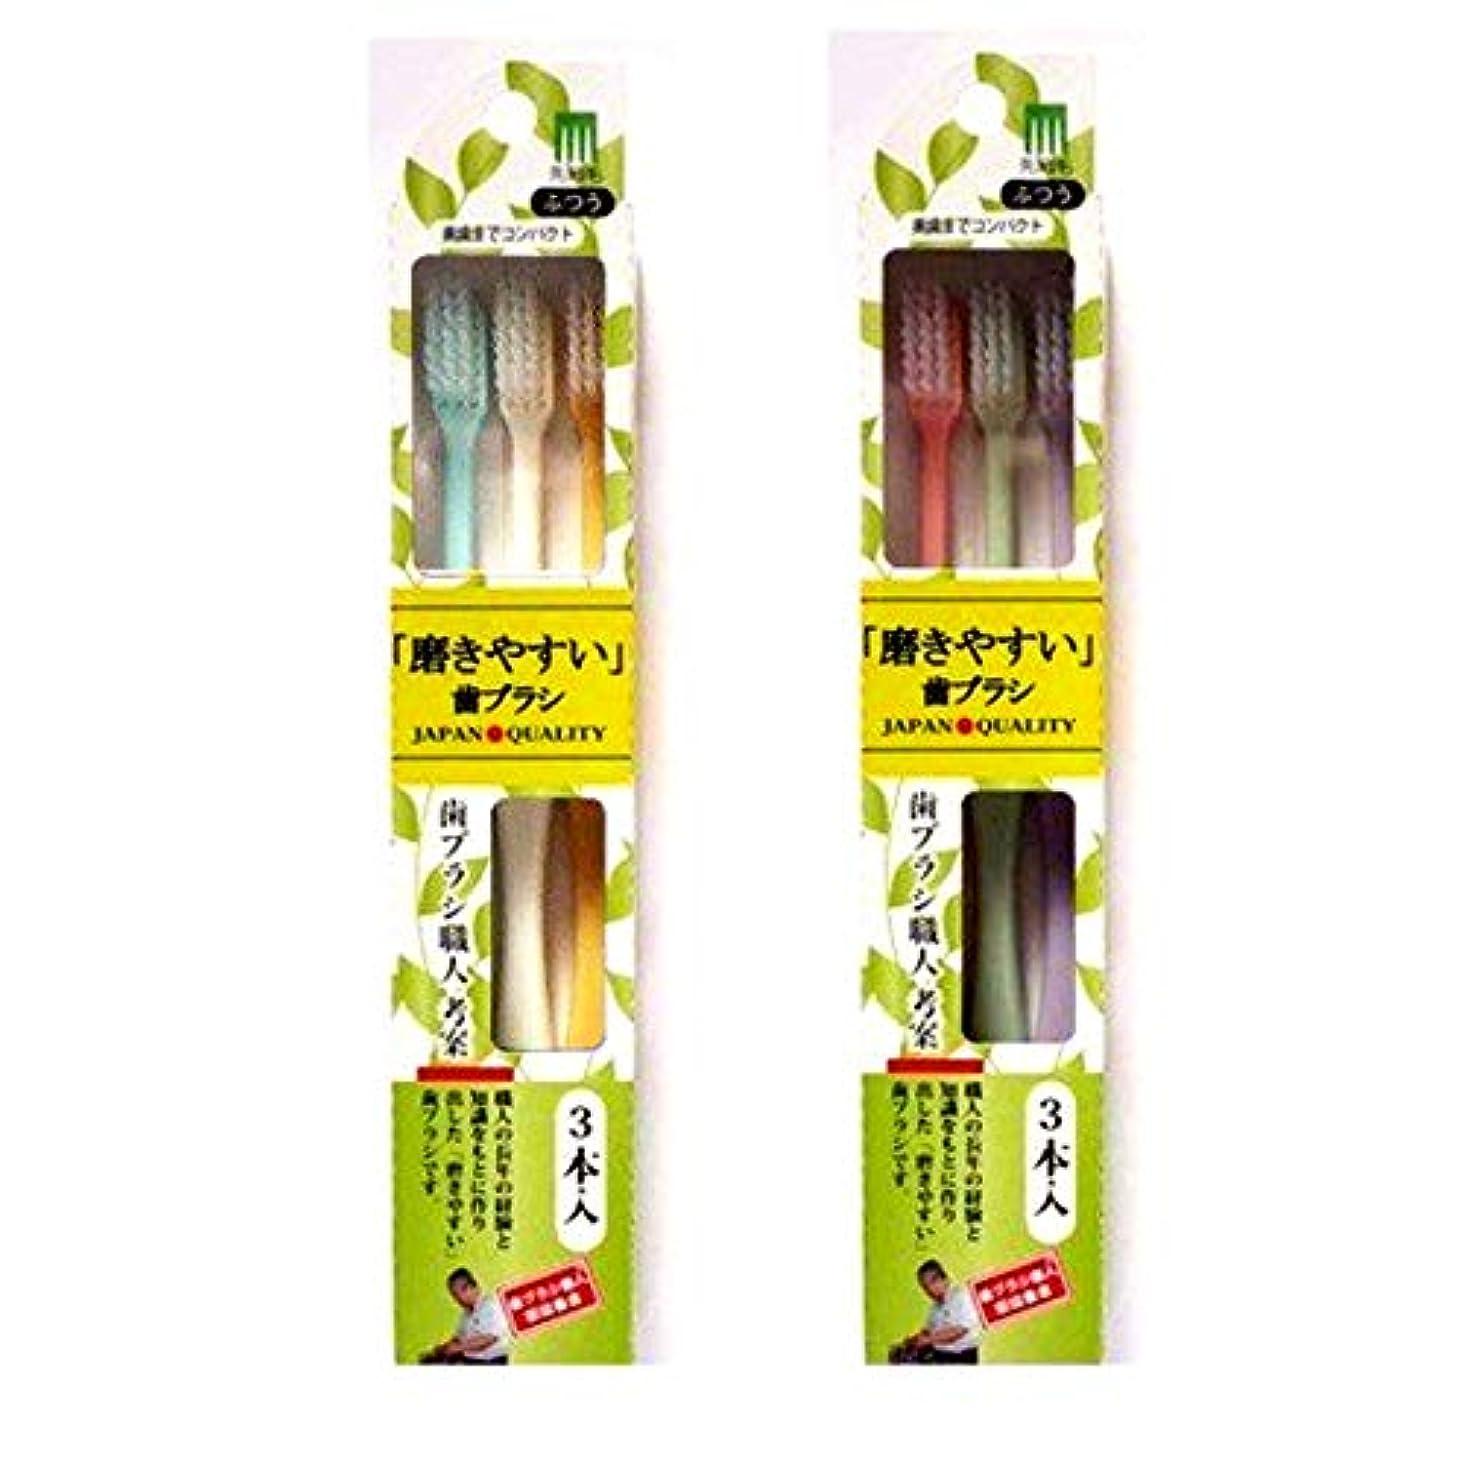 丁寧解釈する蒸気磨きやすい歯ブラシ (先細毛) 奥までコンパクト3本組 ELT-1 (色選択不可)